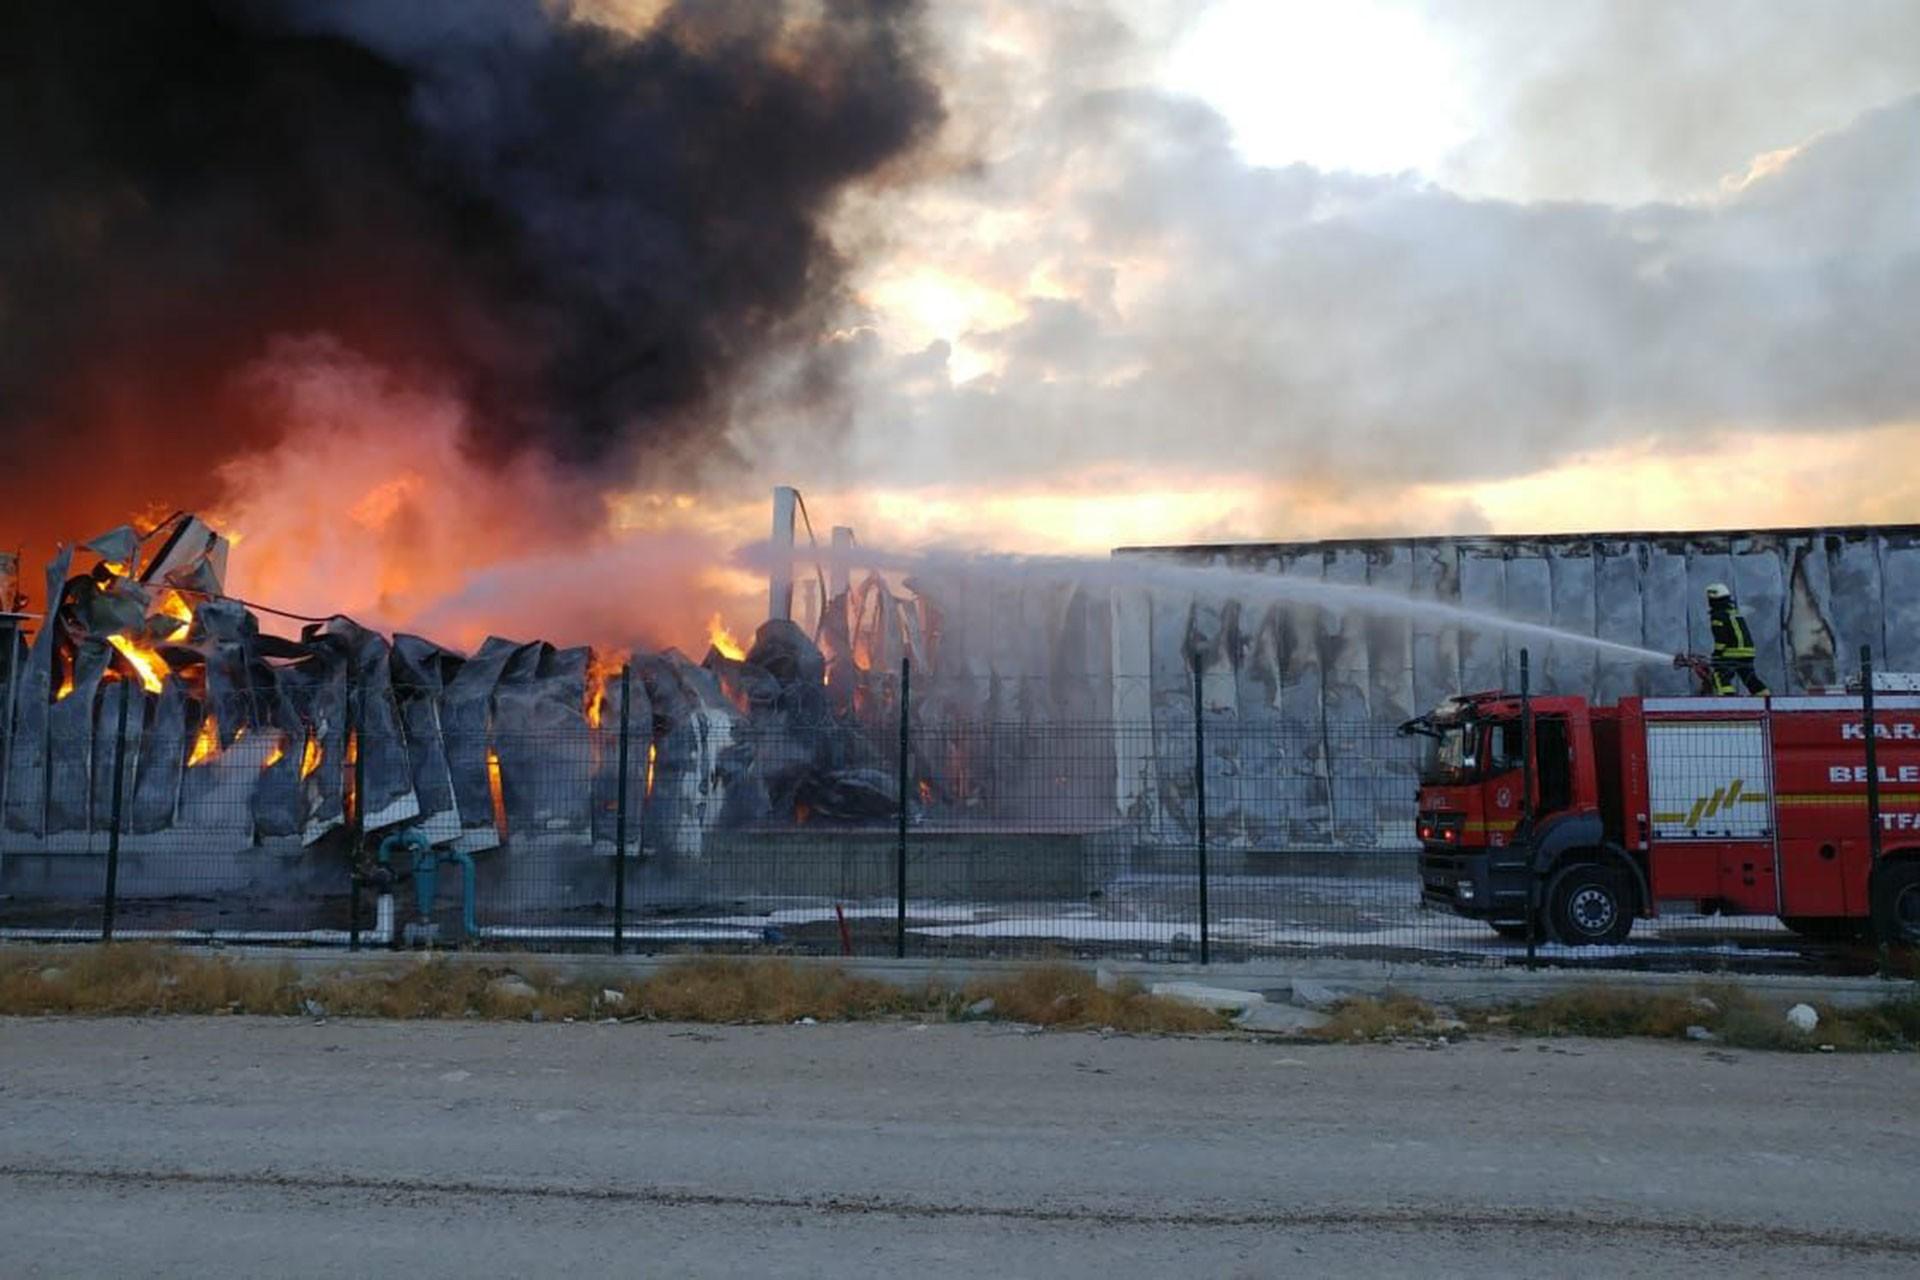 Ereğli Organize Sanayi Bölgesi'nde fabrika yangını: 6 işçi dumandan etkilendi